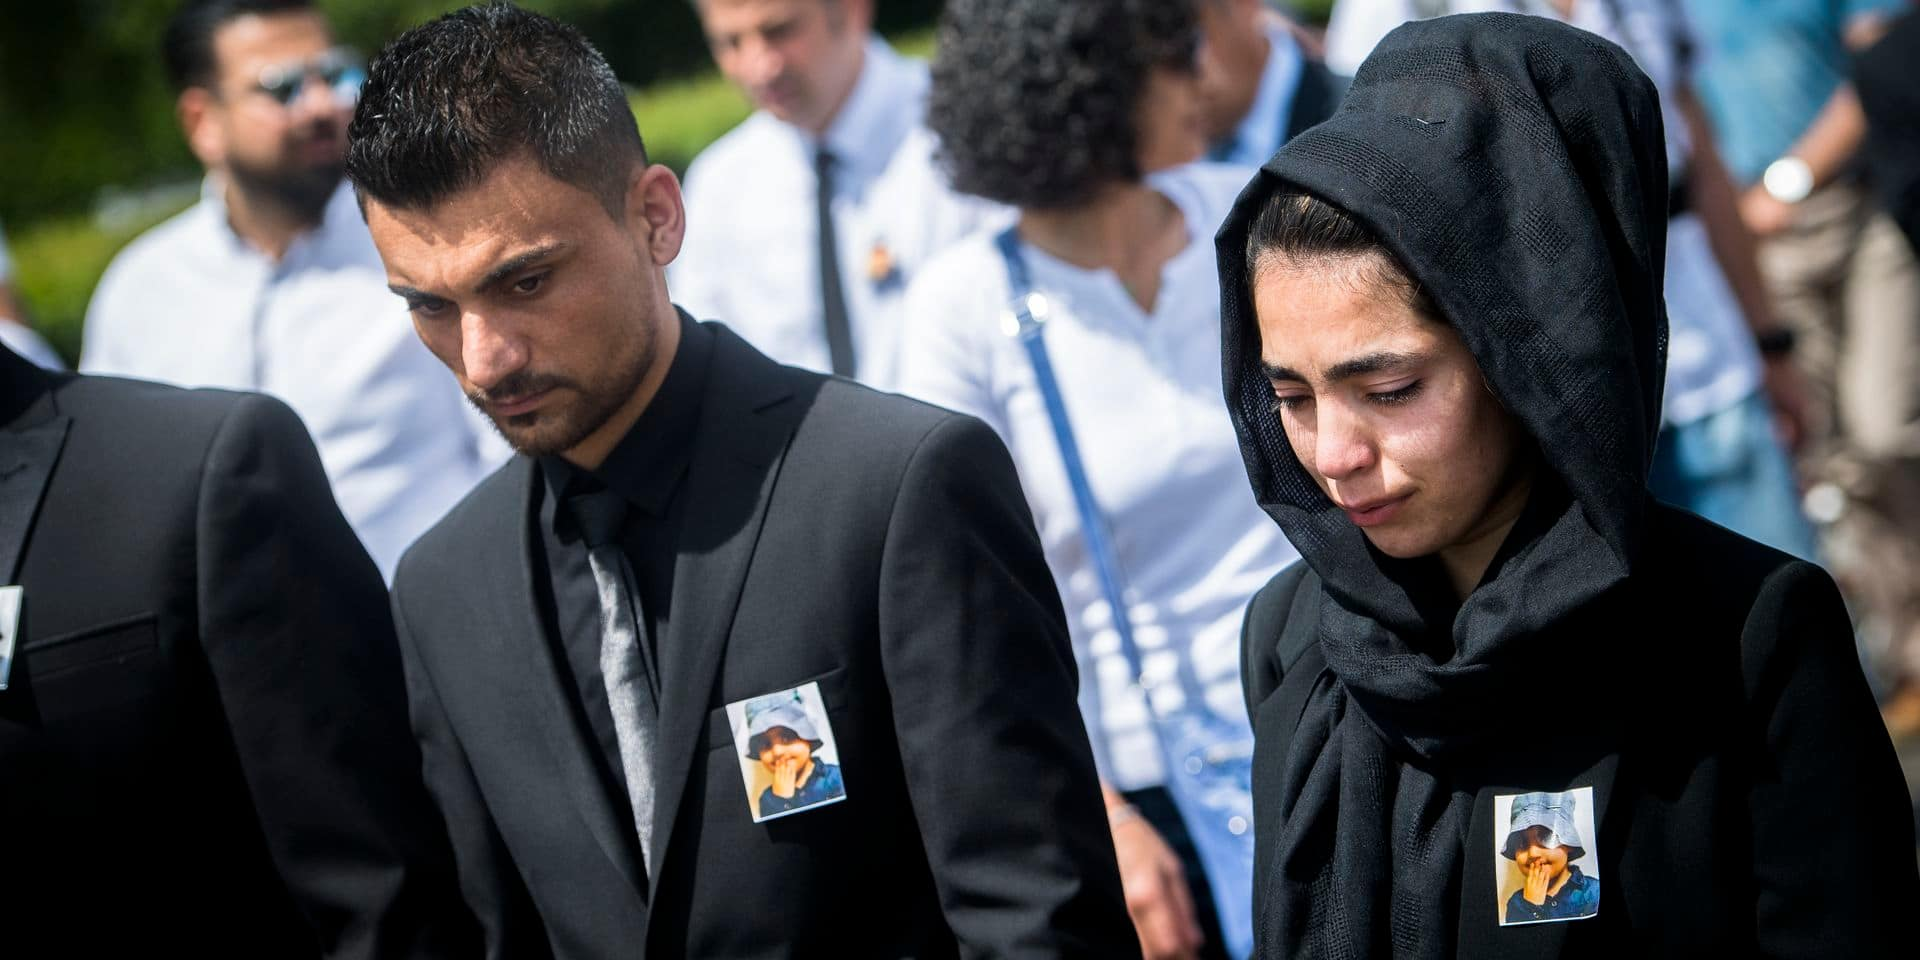 L'avocat de la famille de Mawda estime que le chauffeur n'est pas responsable du drame